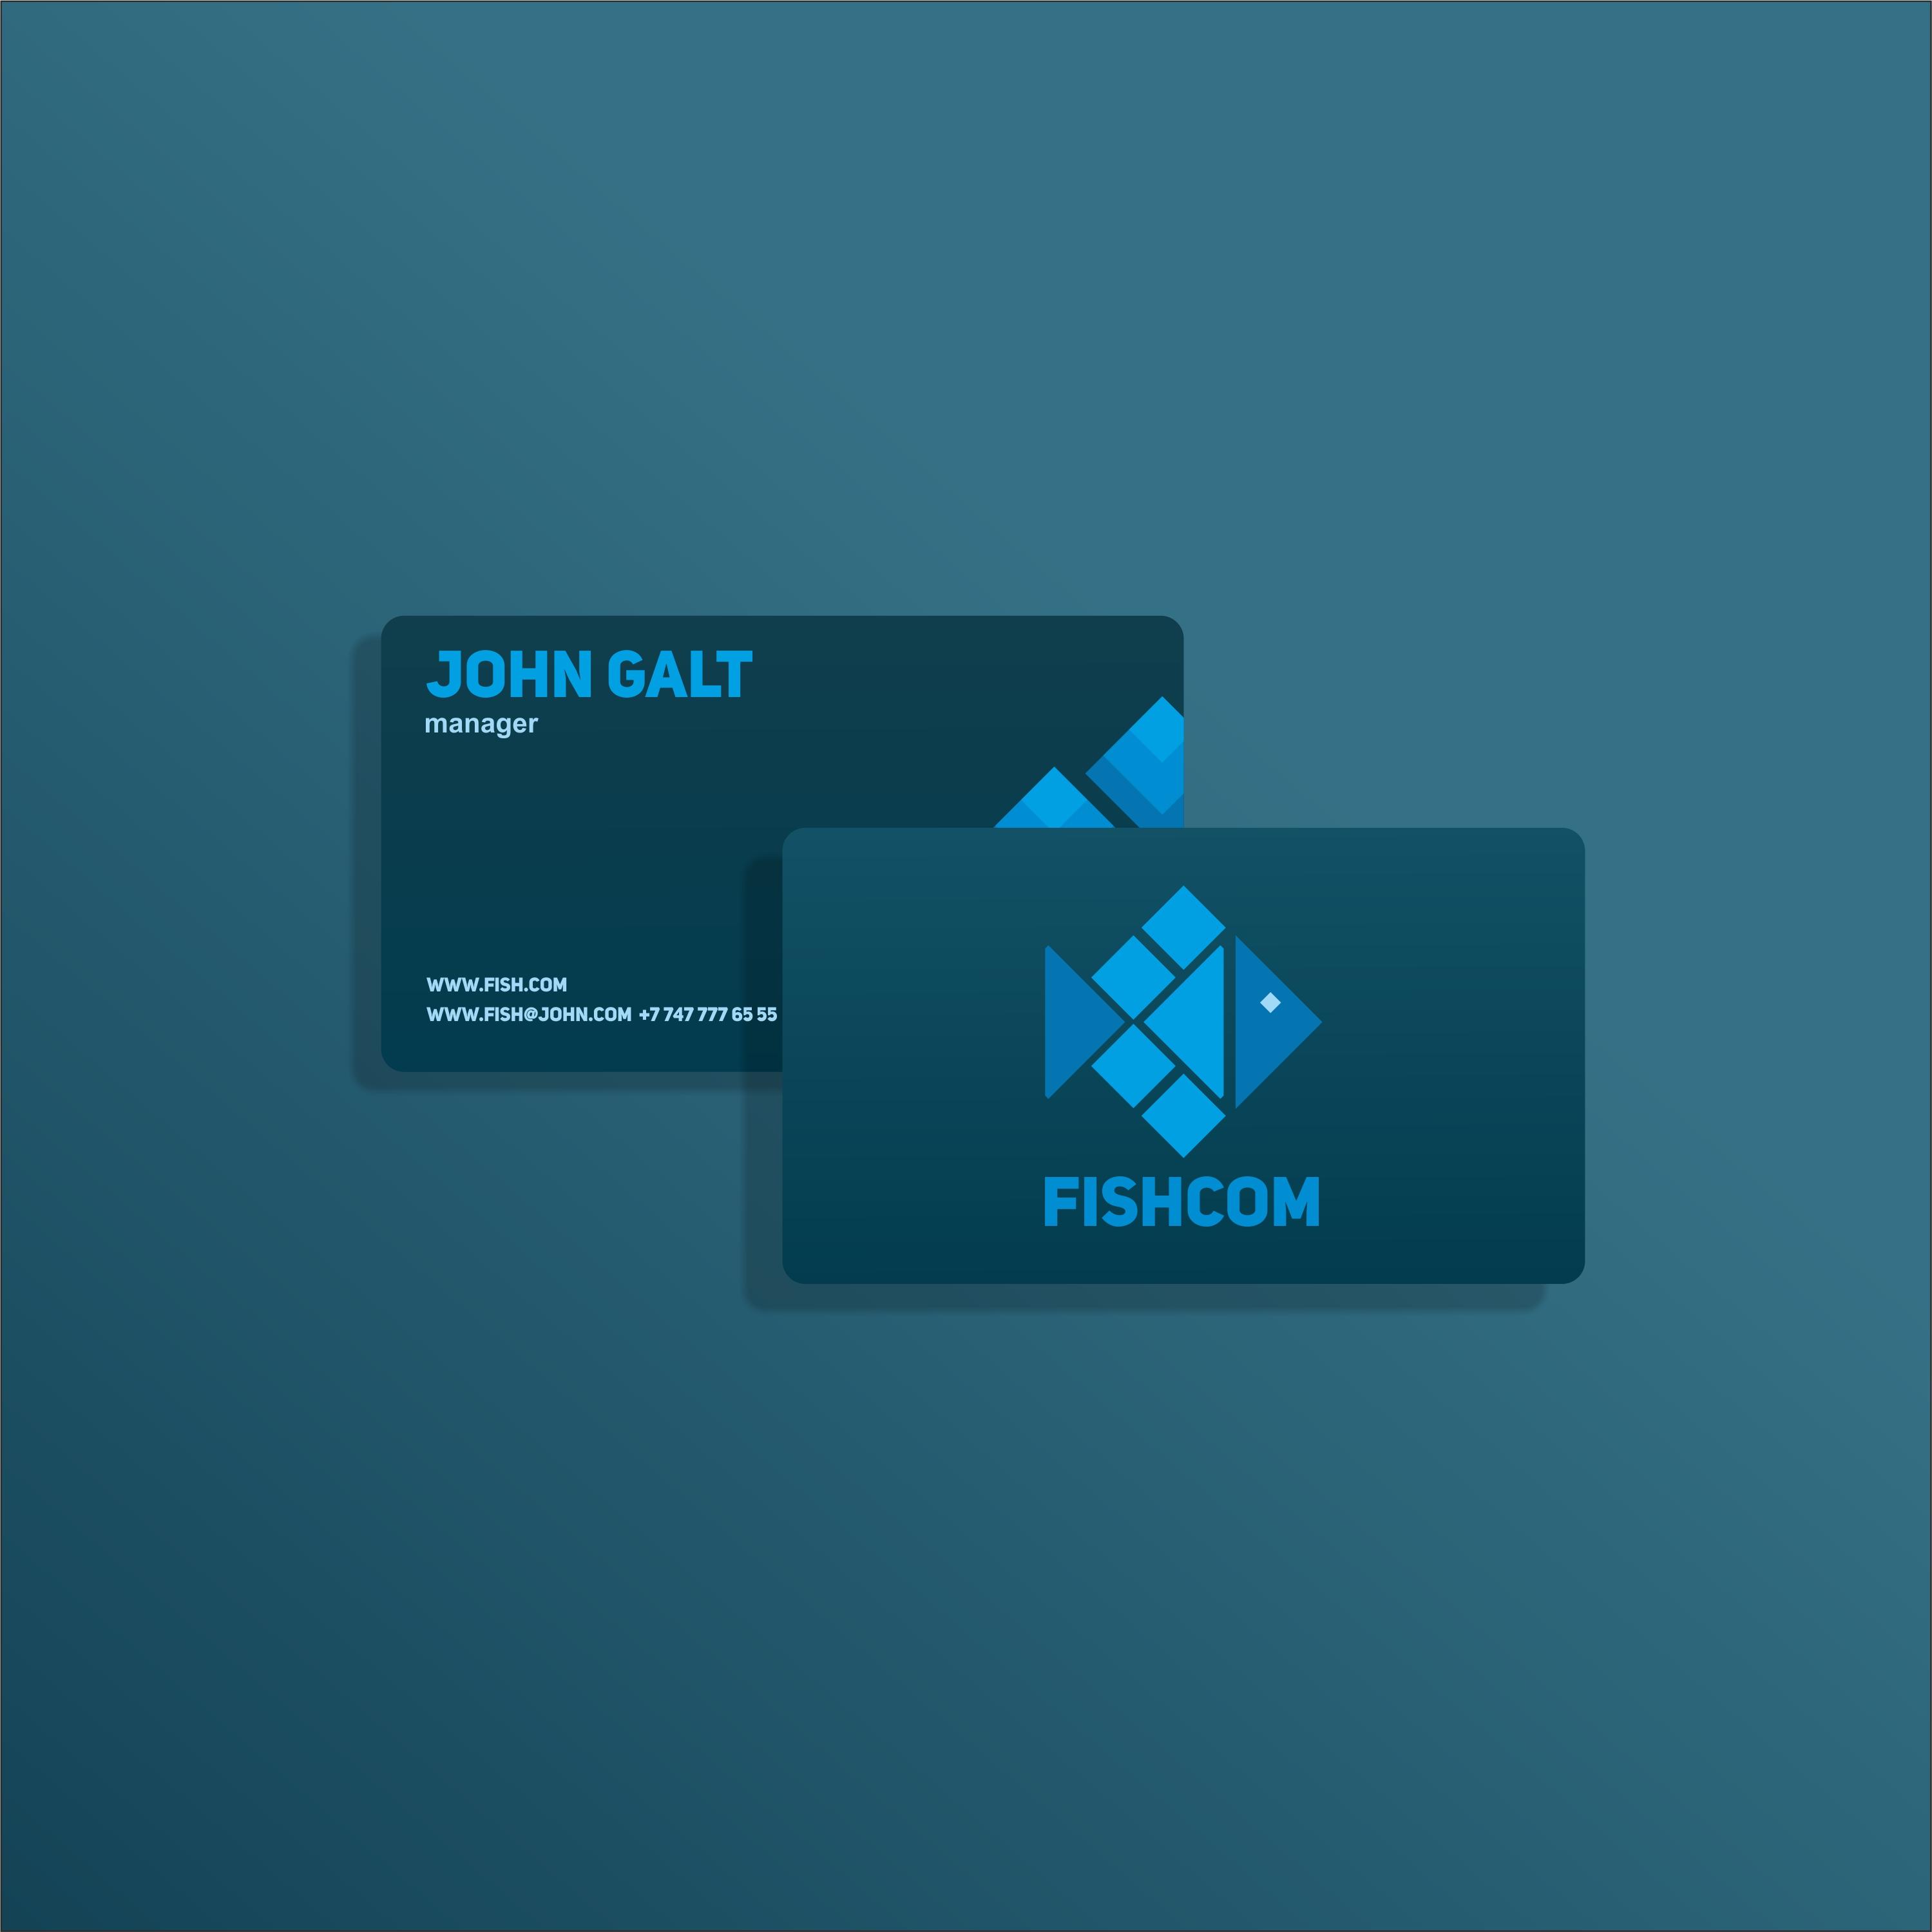 Создание логотипа и брэндбука для компании РЫБКОМ фото f_6875c0a22821bb01.jpg